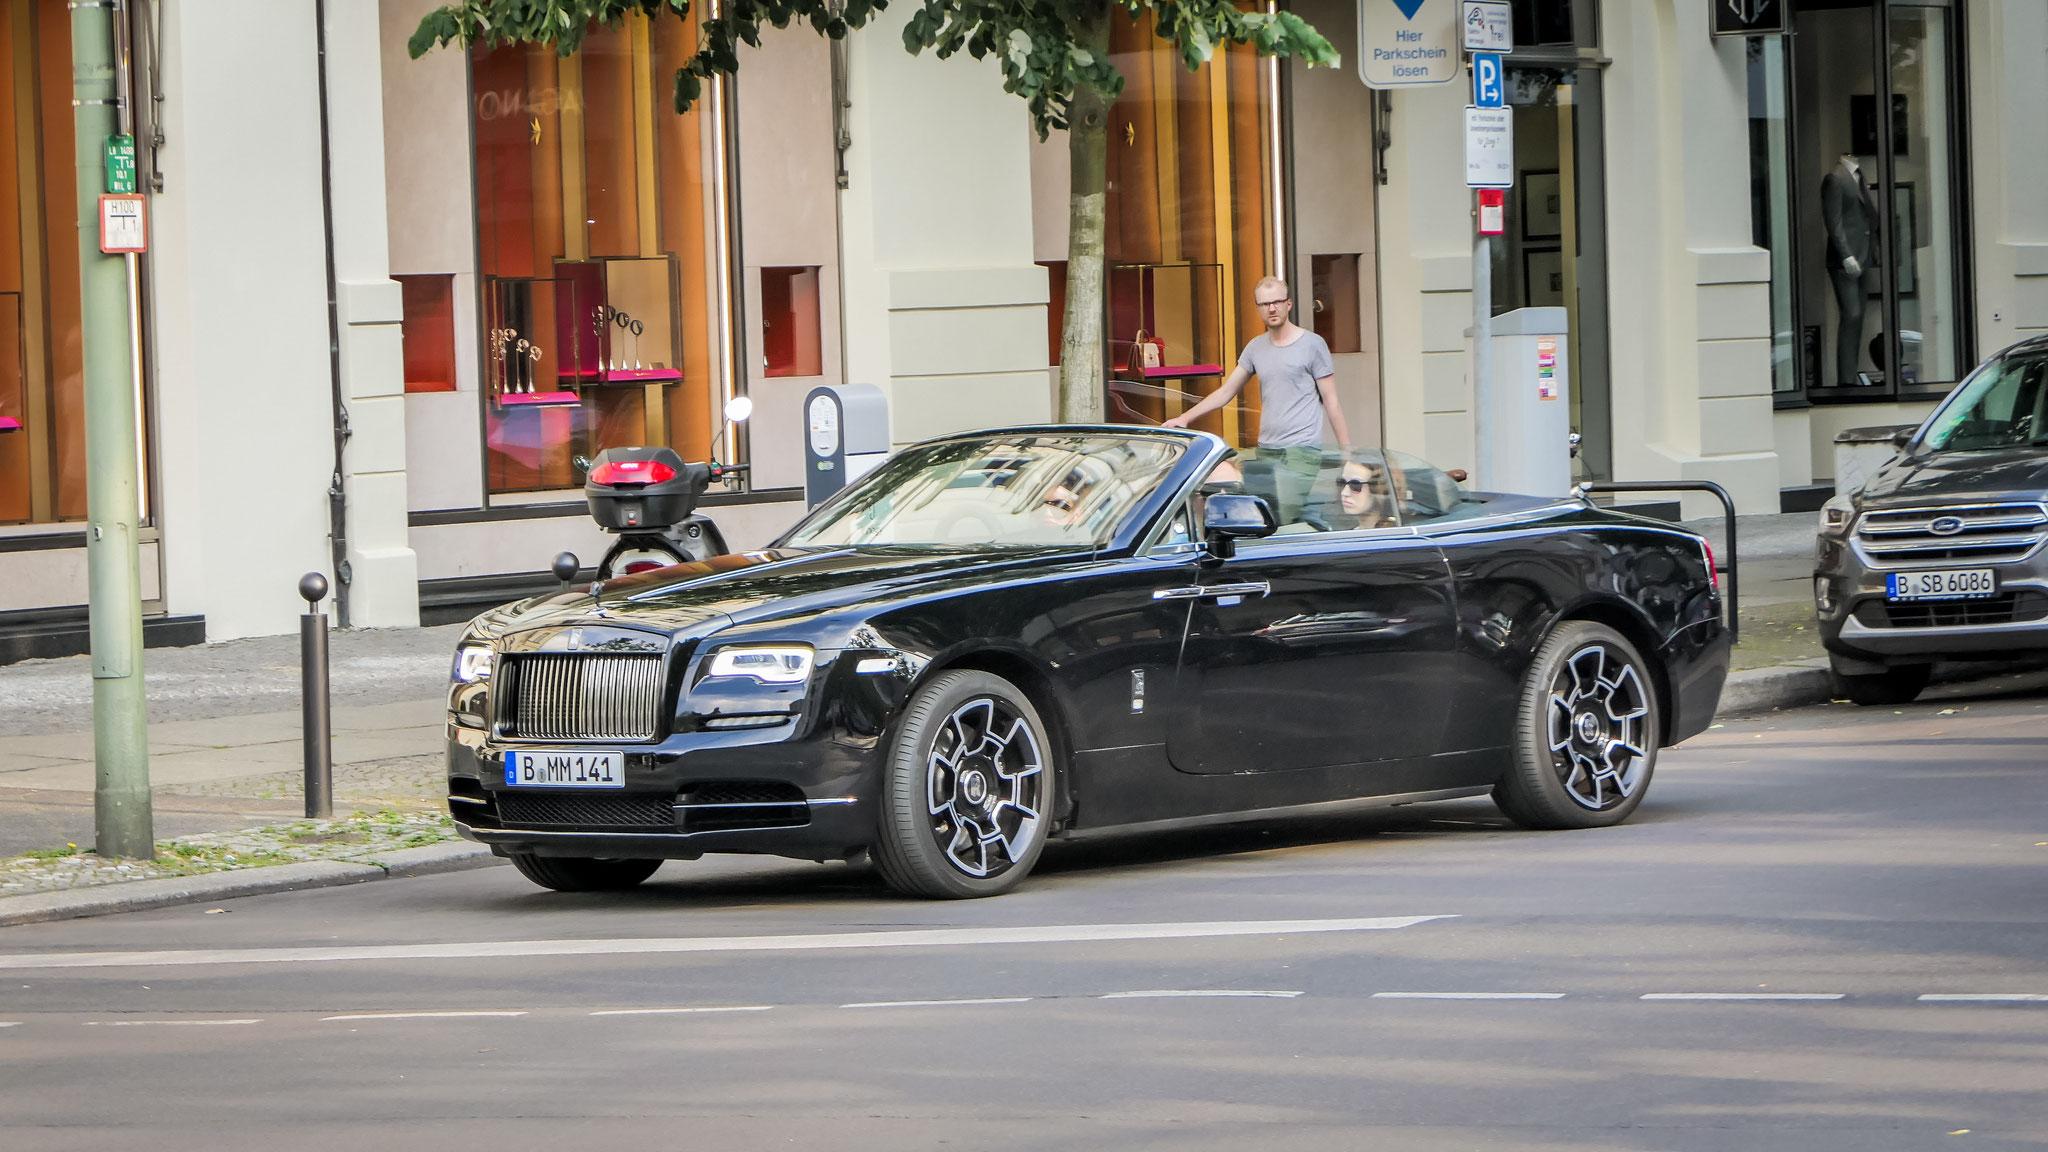 Rolls Royce Dawn - B-MM-141